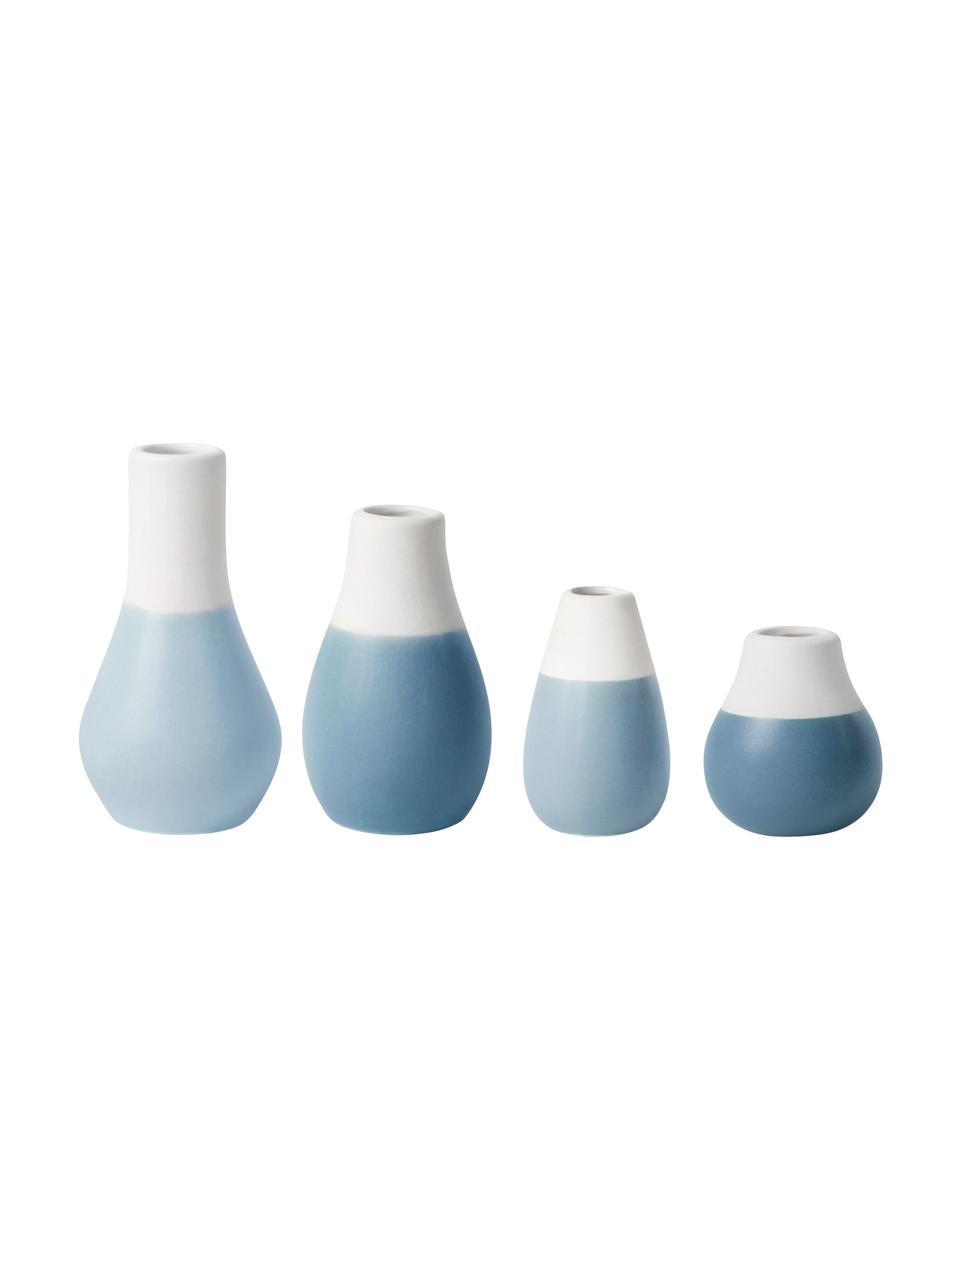 XS-Vasen-Set Pastell aus Steingut, 4-tlg., Steingut mit Glasur, Blautöne, Weiß, Sondergrößen